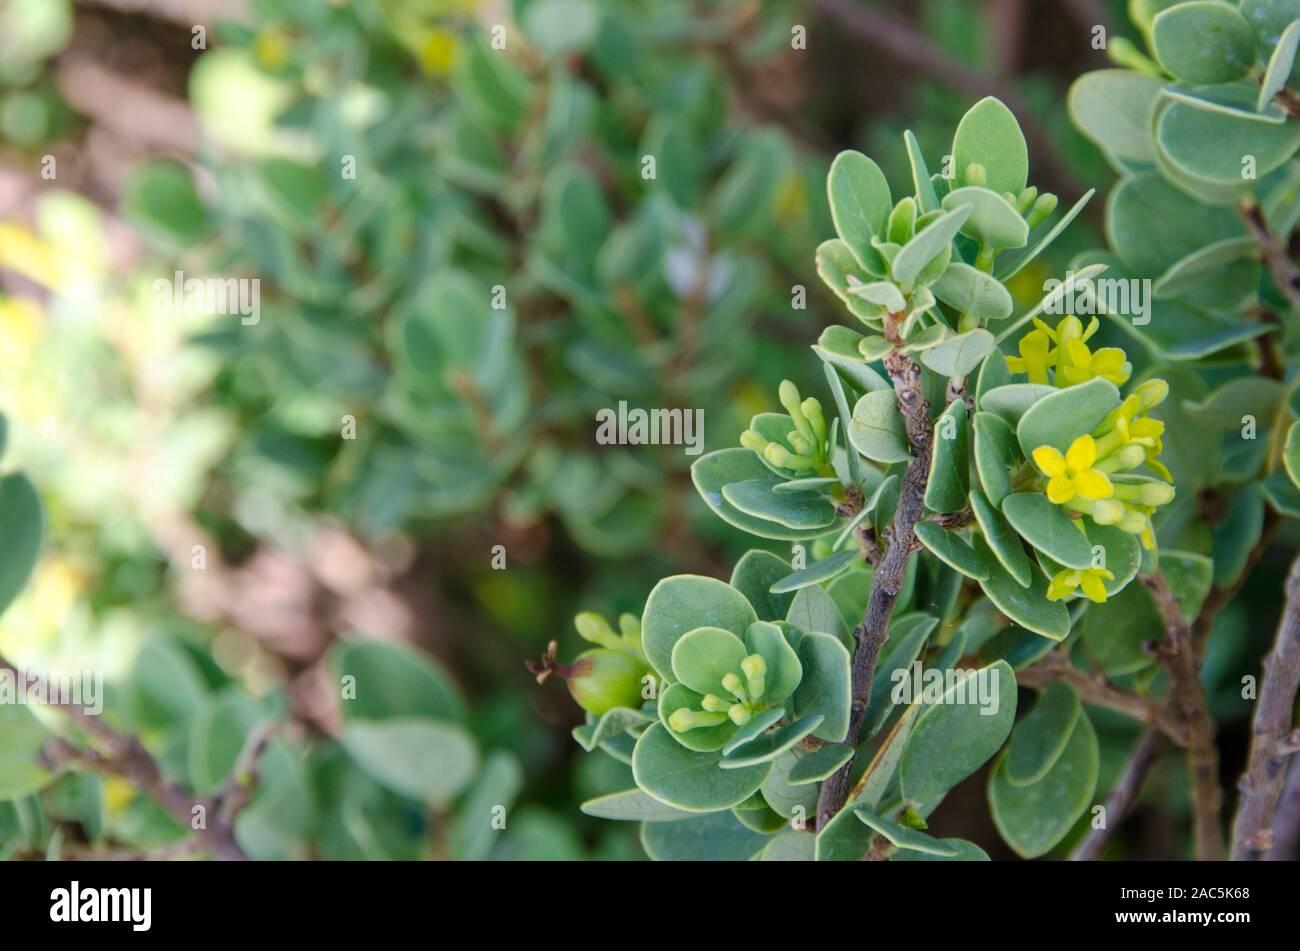 Der gebürtige Hawaiianer 'Akia Pflanze ist entweder männlich oder weiblich. Die weiblichen Pflanzen, nach der Blüte, produzieren attraktive runde Früchte, sind gelb, orange oder r Stockfoto